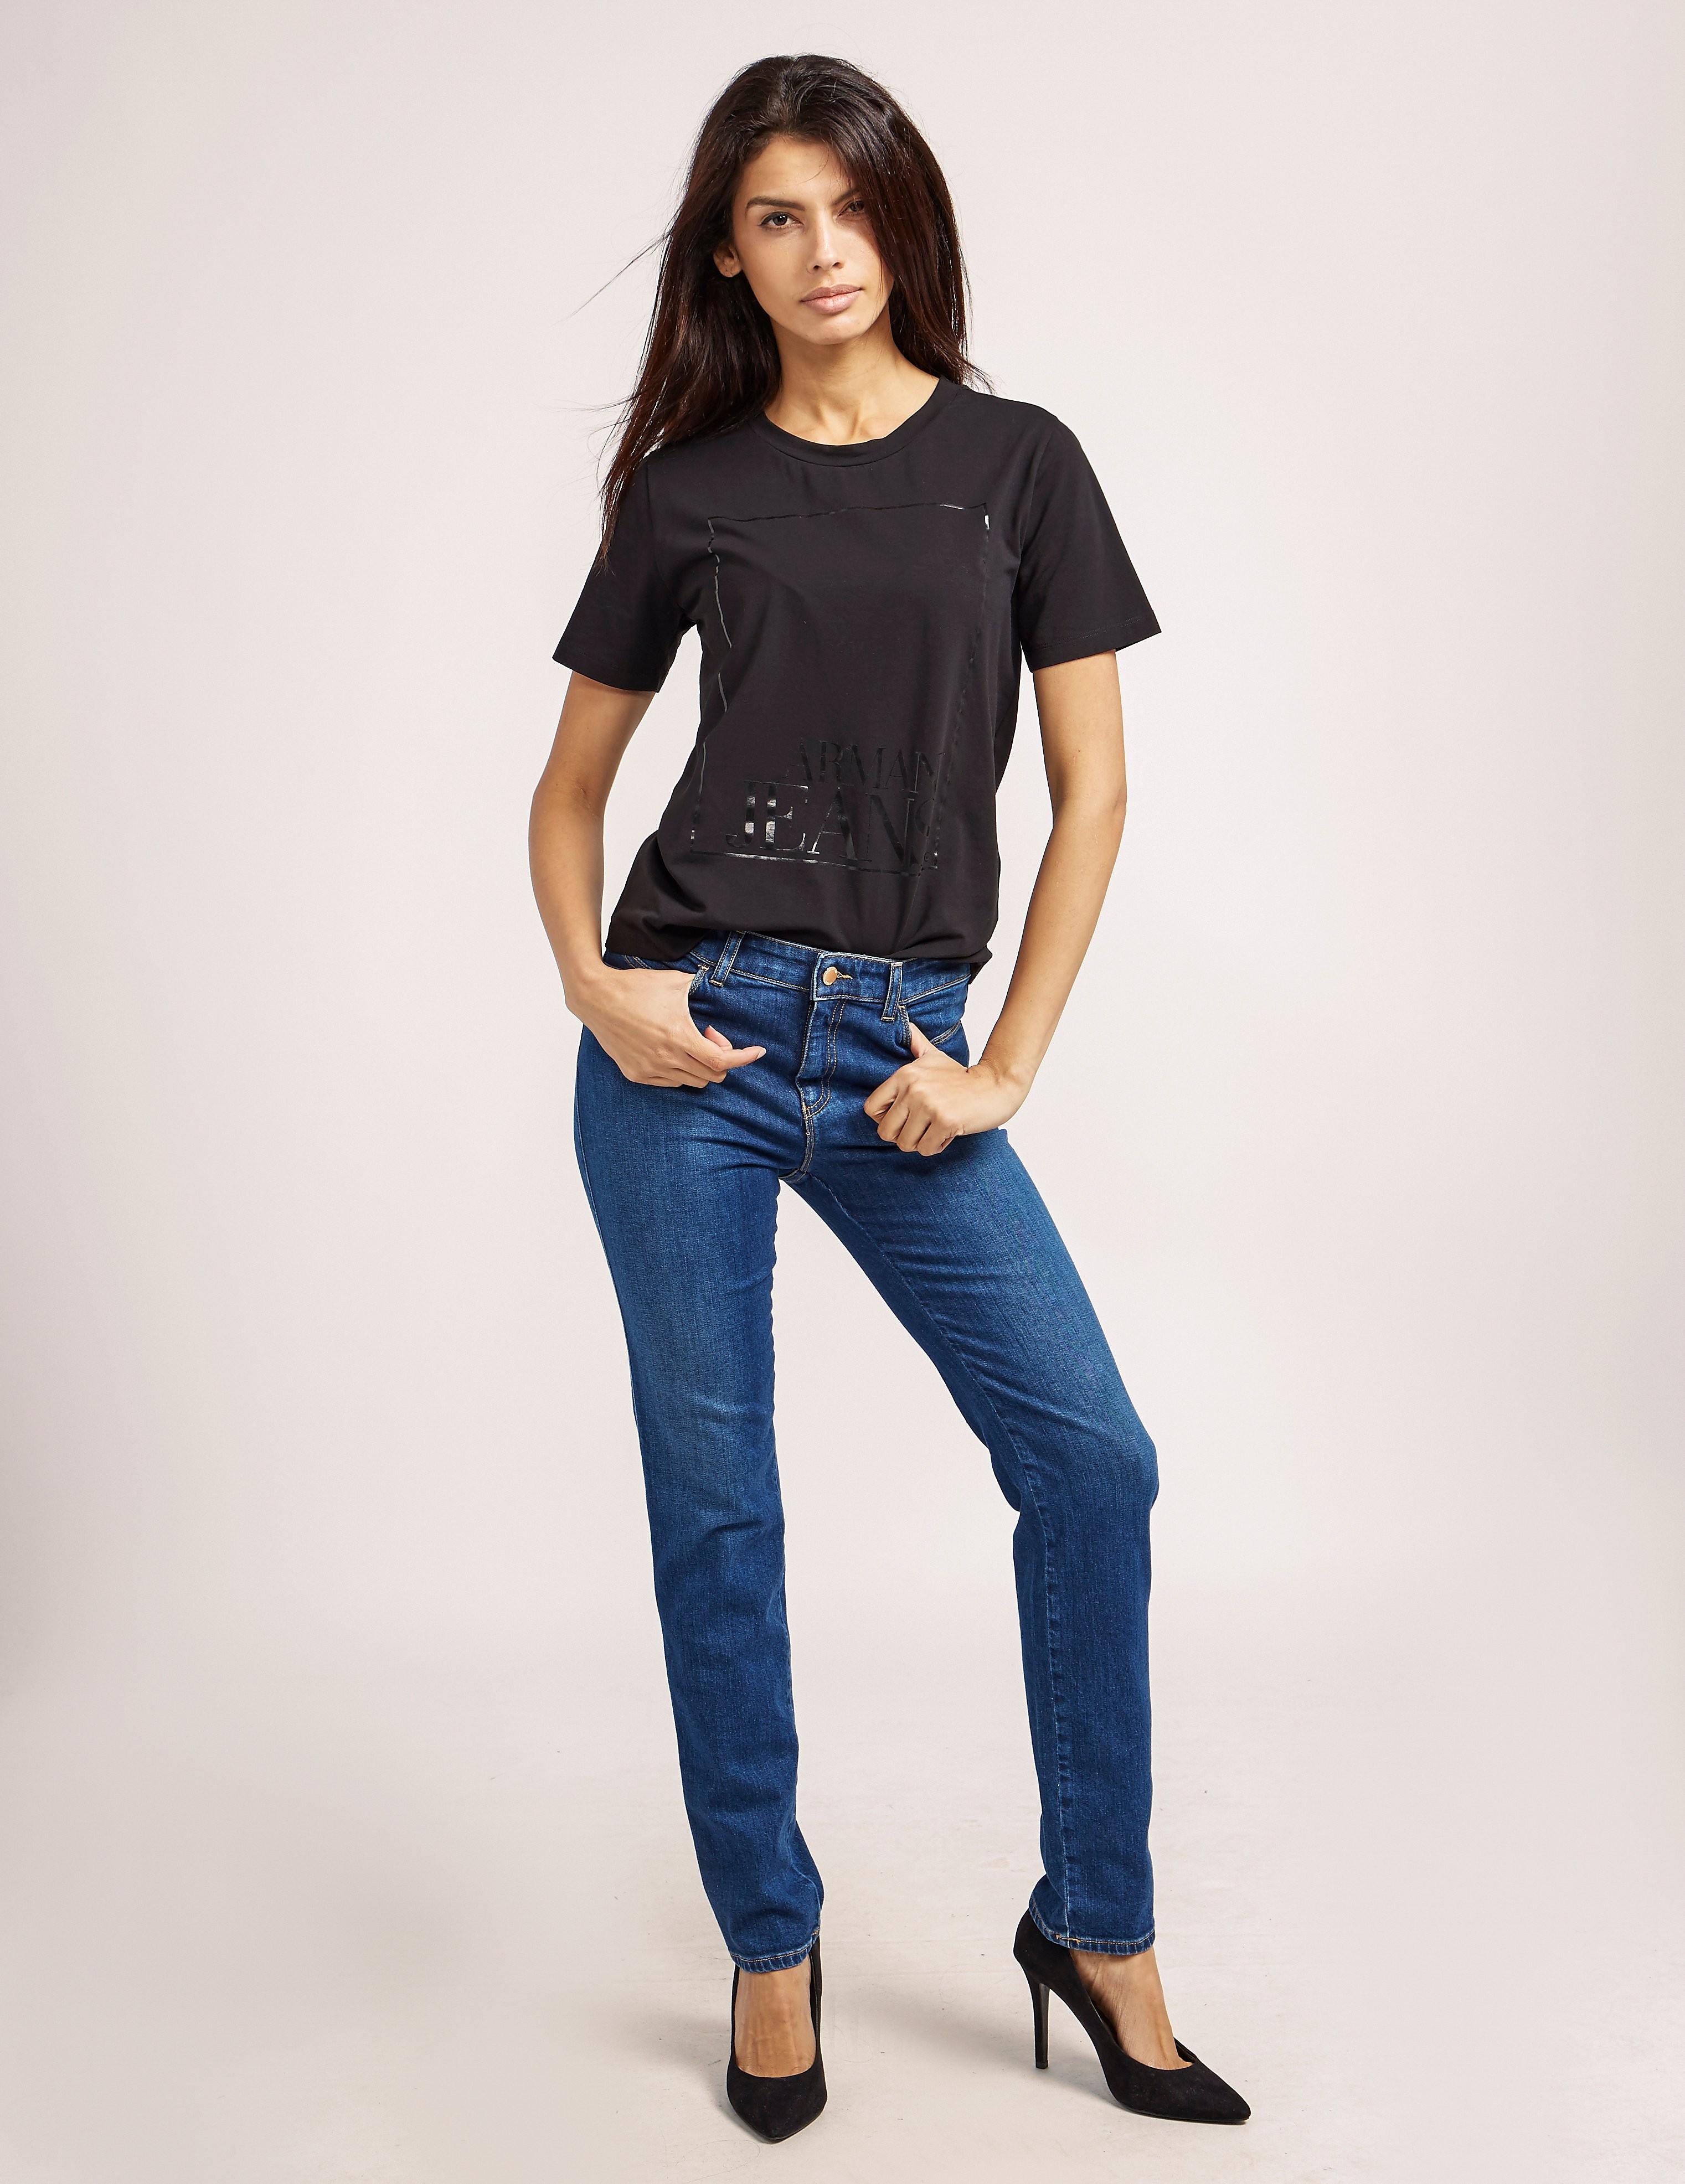 Armani Jeans J18 High Waist Jeans